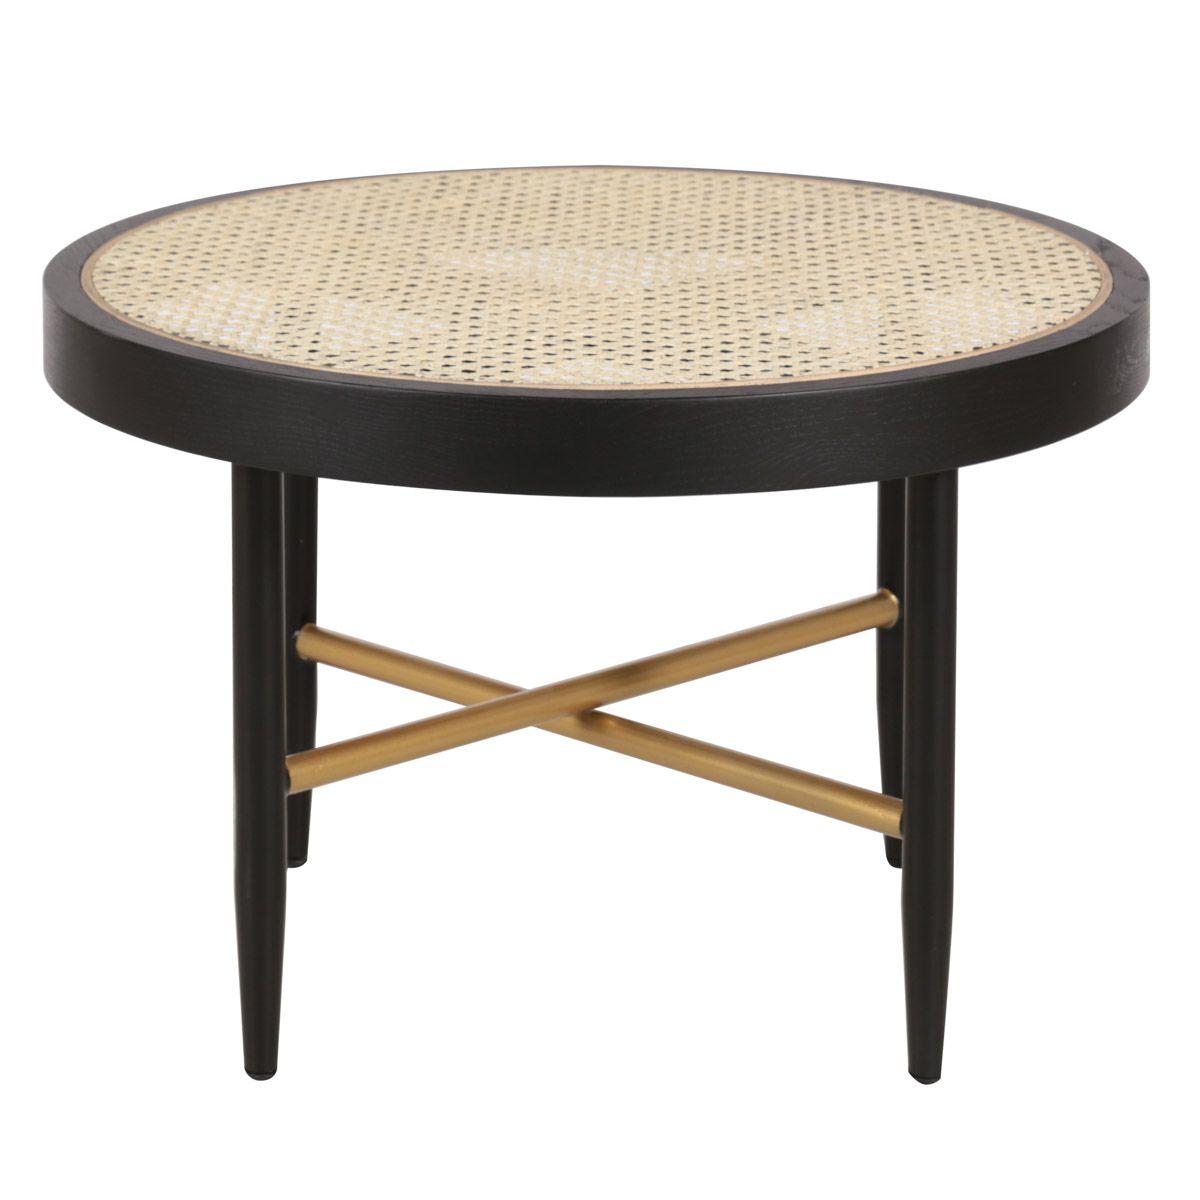 Table basse en cannage naturel et chêne noir ronde D 60 cm